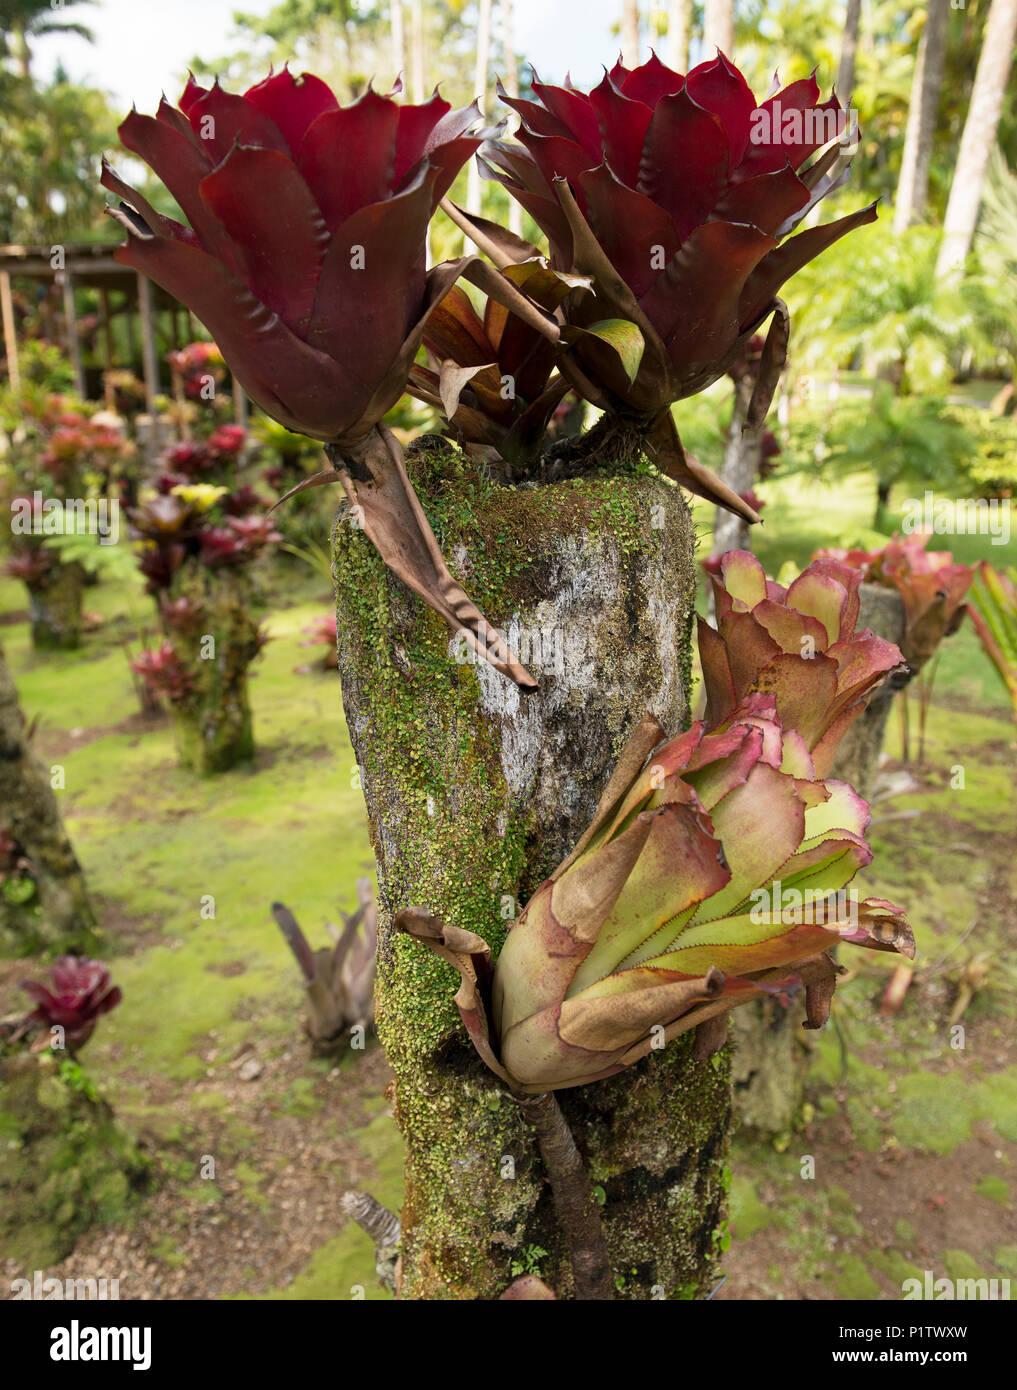 Tropical Caribbean Gardens Stock Photos & Tropical Caribbean Gardens ...